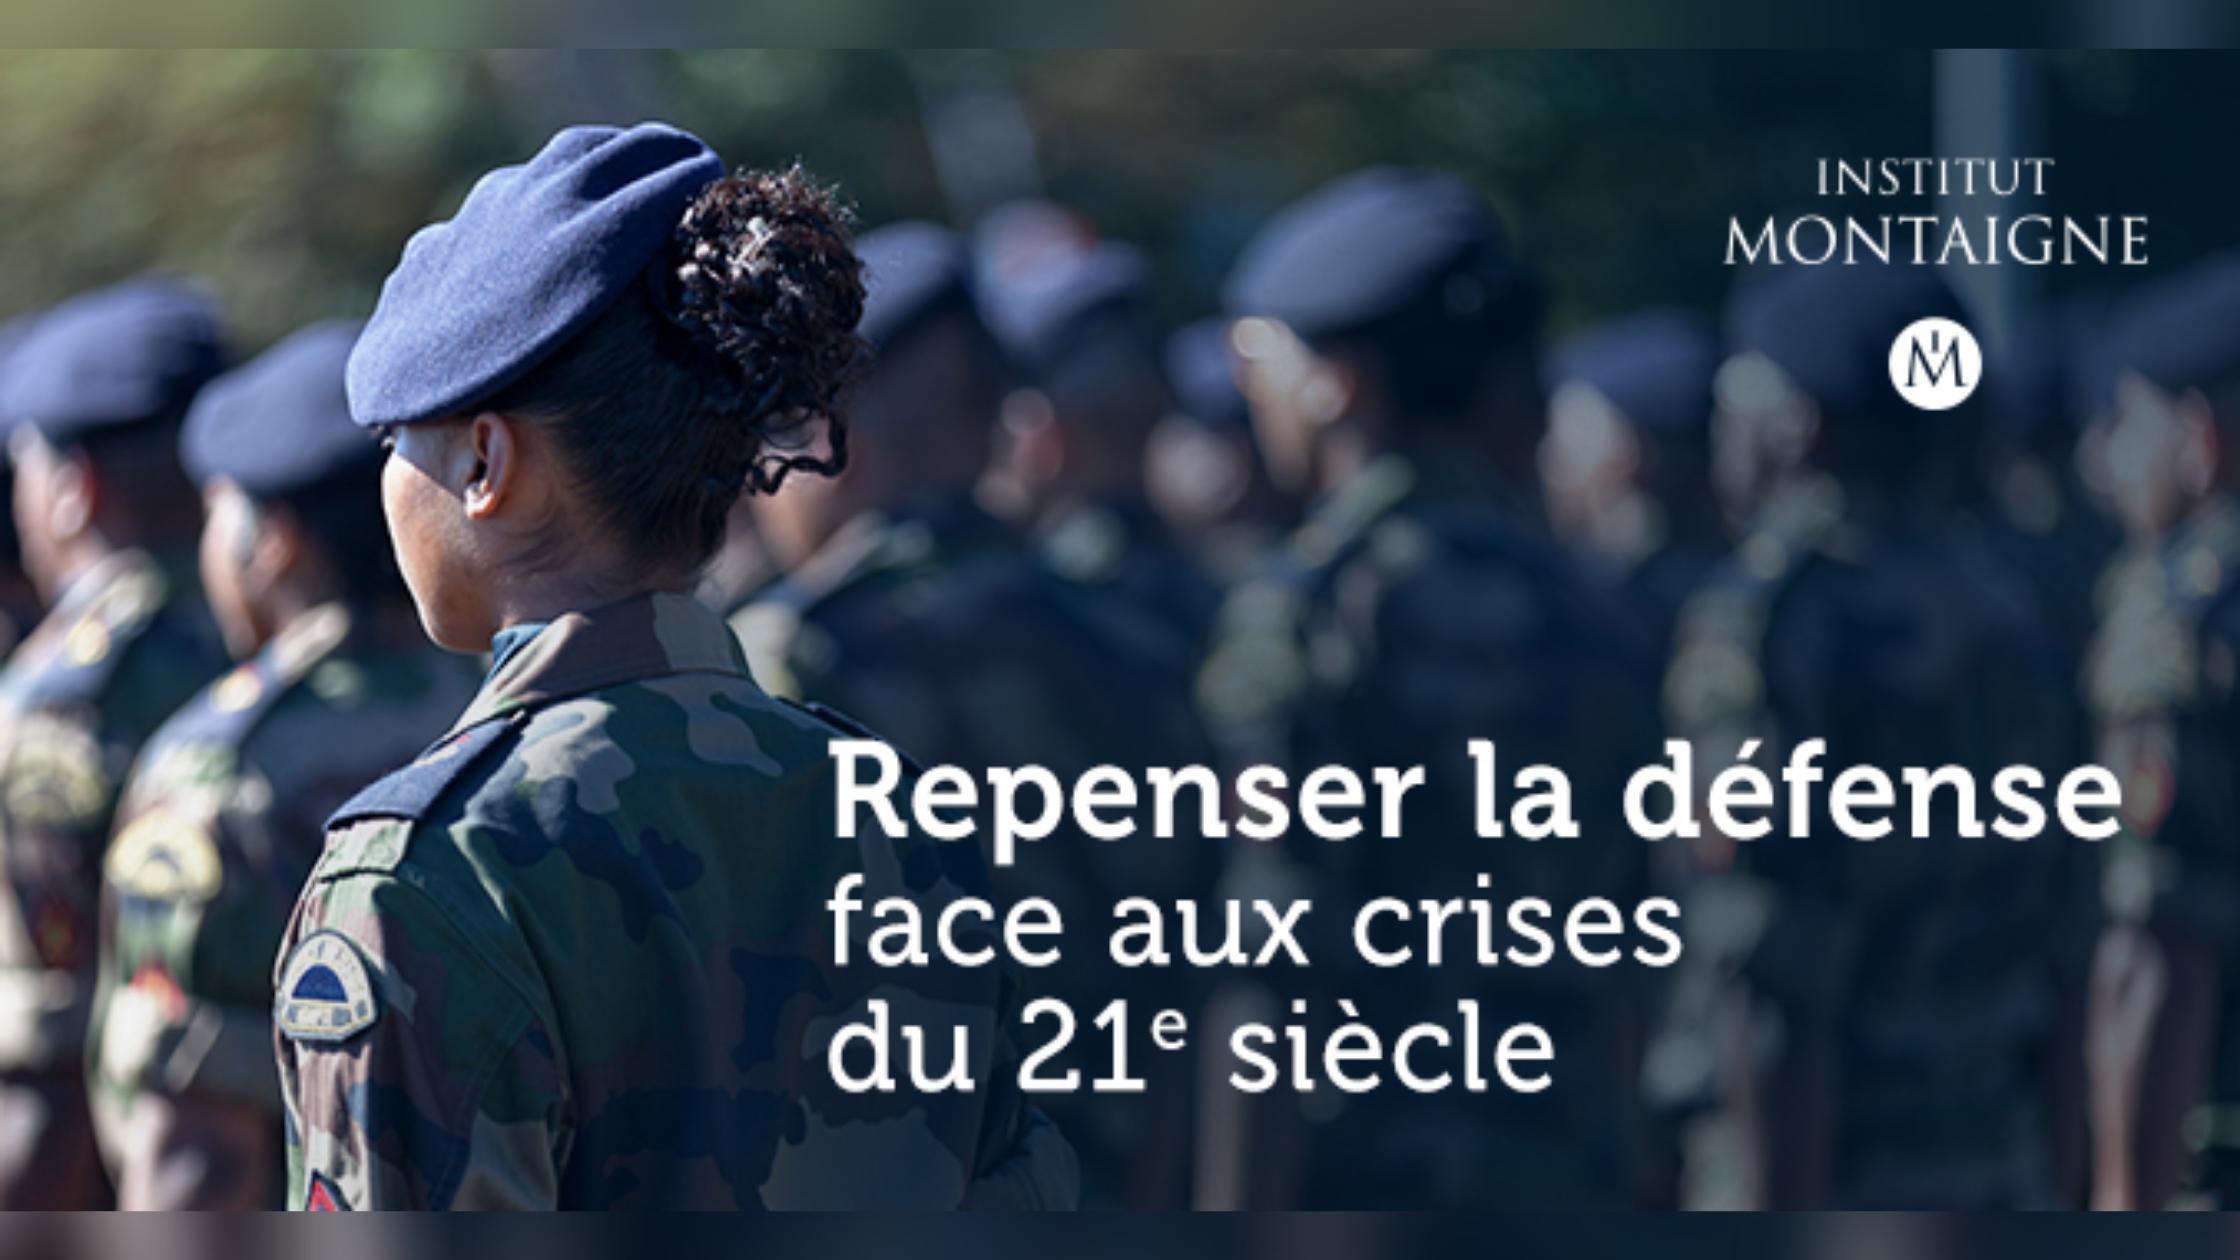 Repenser la défense face aux crises du 21e siècle |Rapport de l'Institut Montaigne (février 2021)